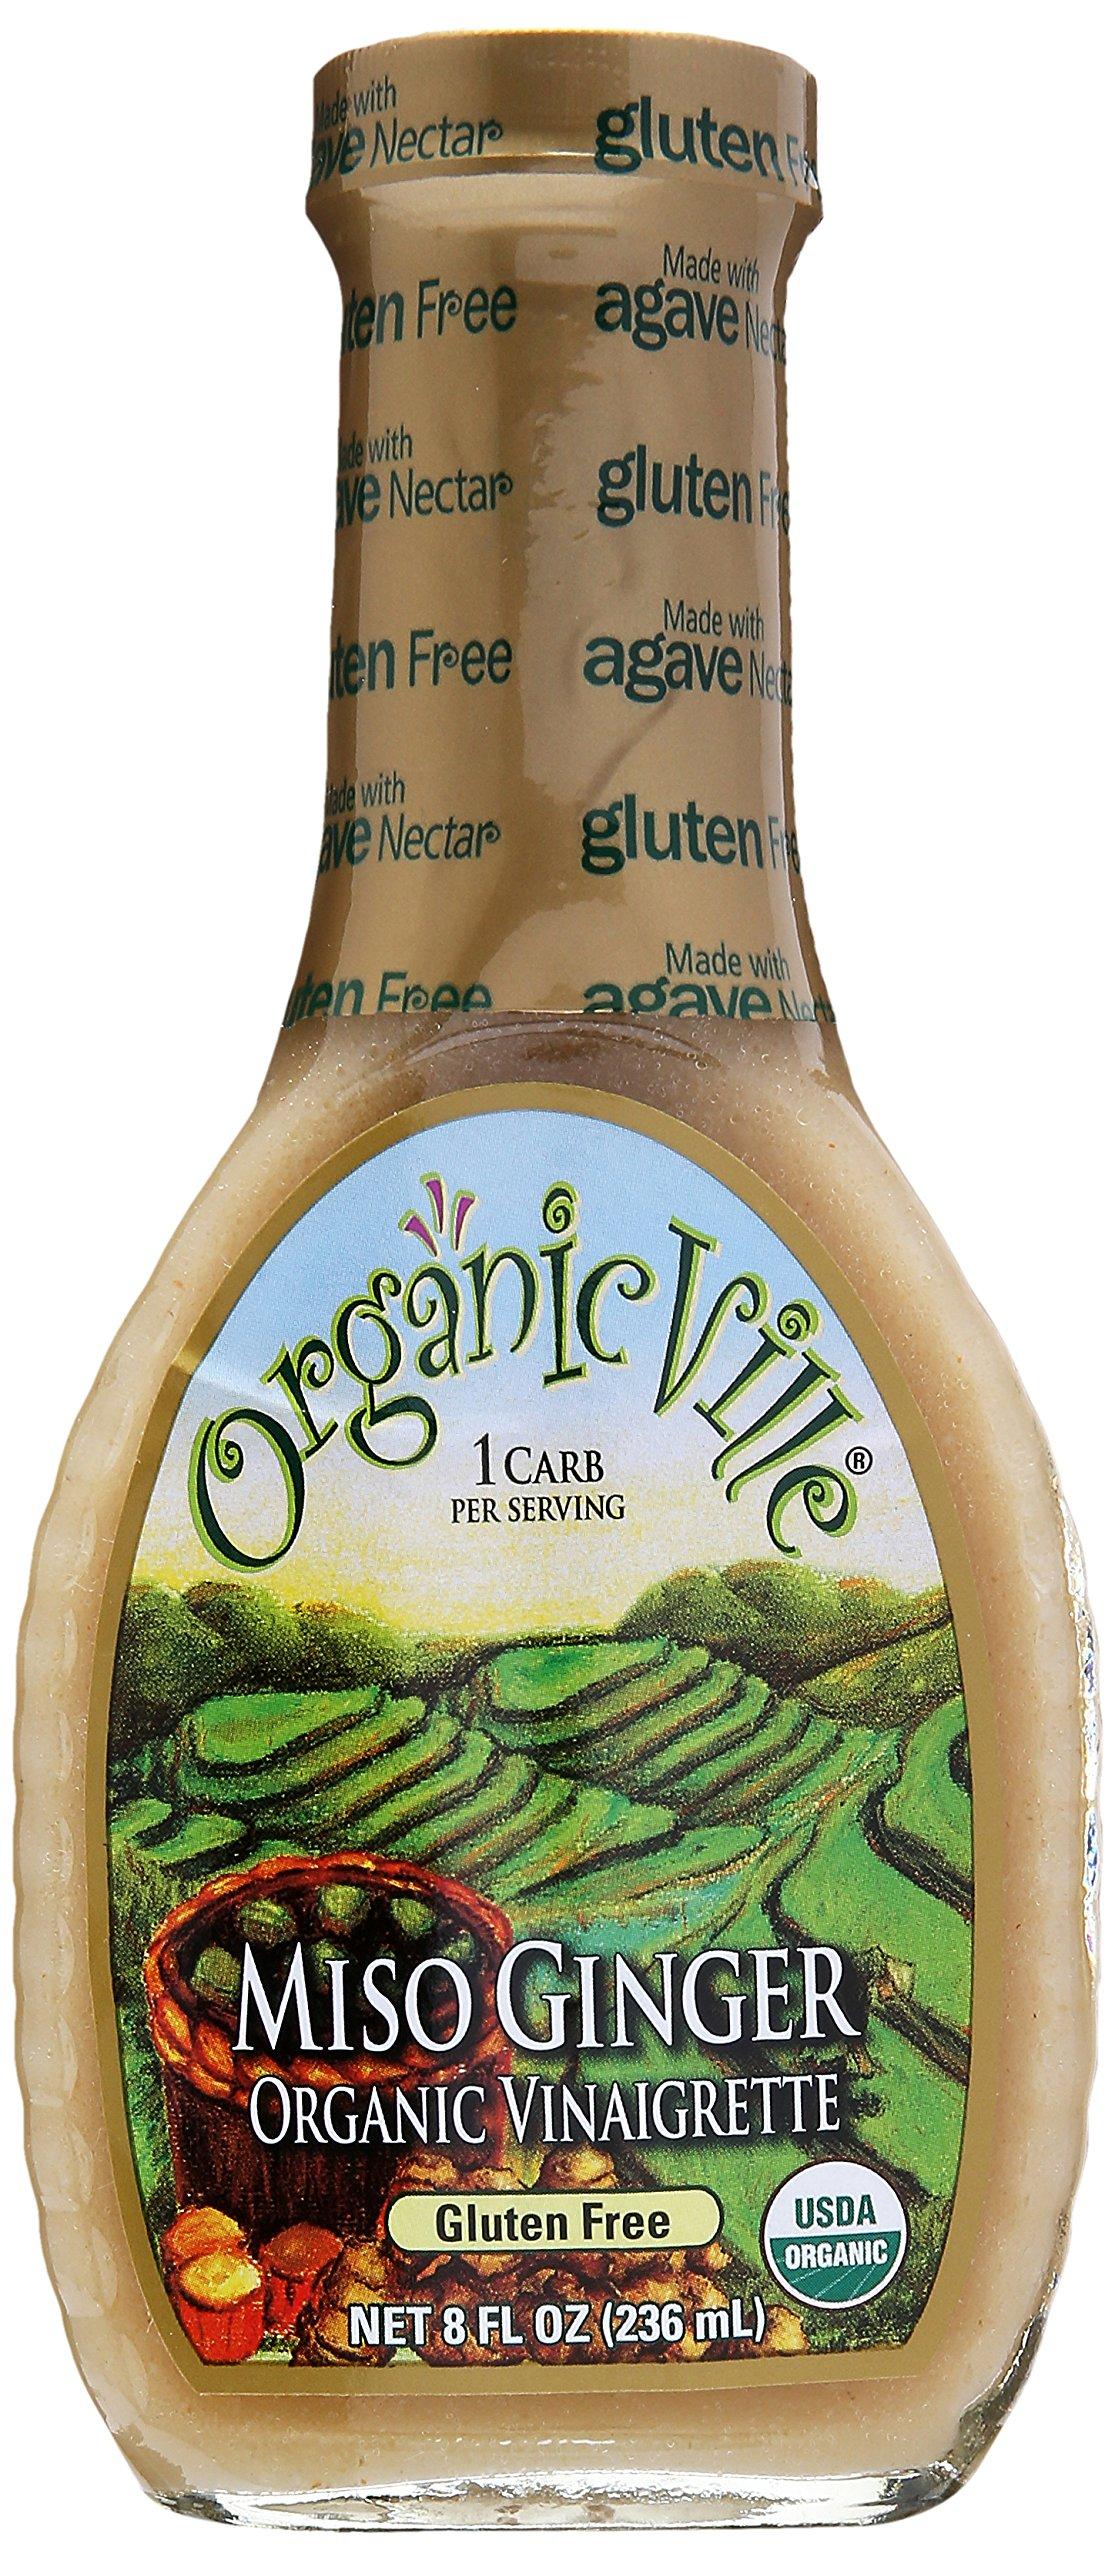 Organicville Miso Ginger Organic Vinaigrette, 8 oz